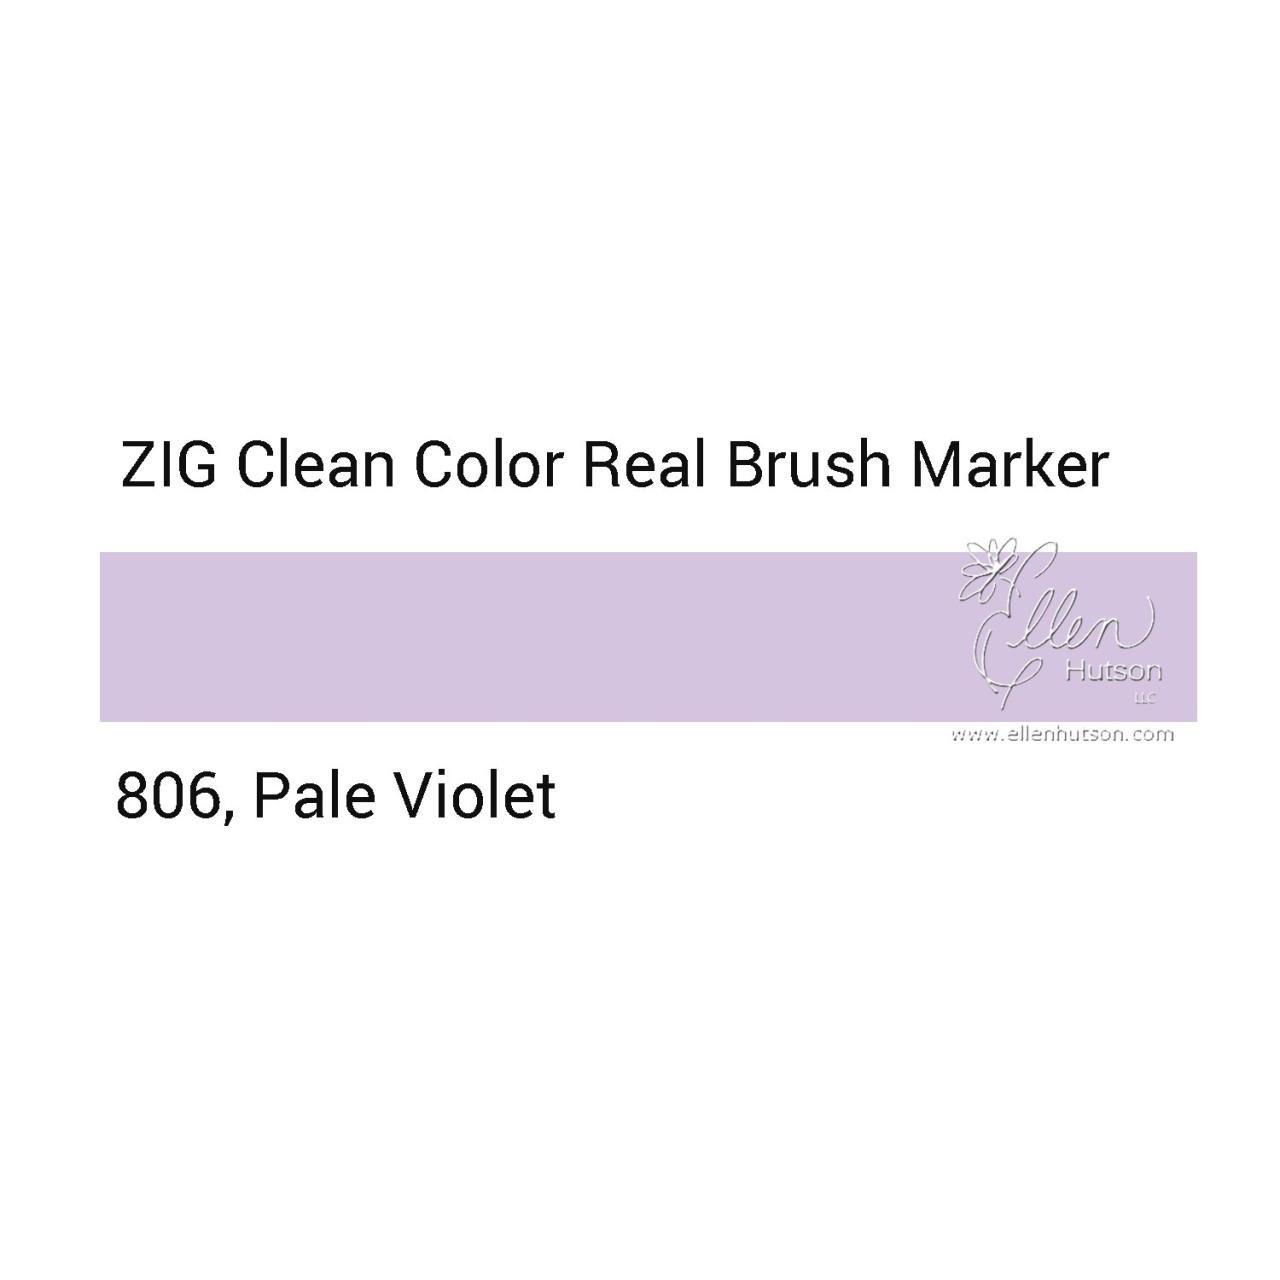 806 - Pale Violet, ZIG Clean Color Real Brush Marker - 847340037125